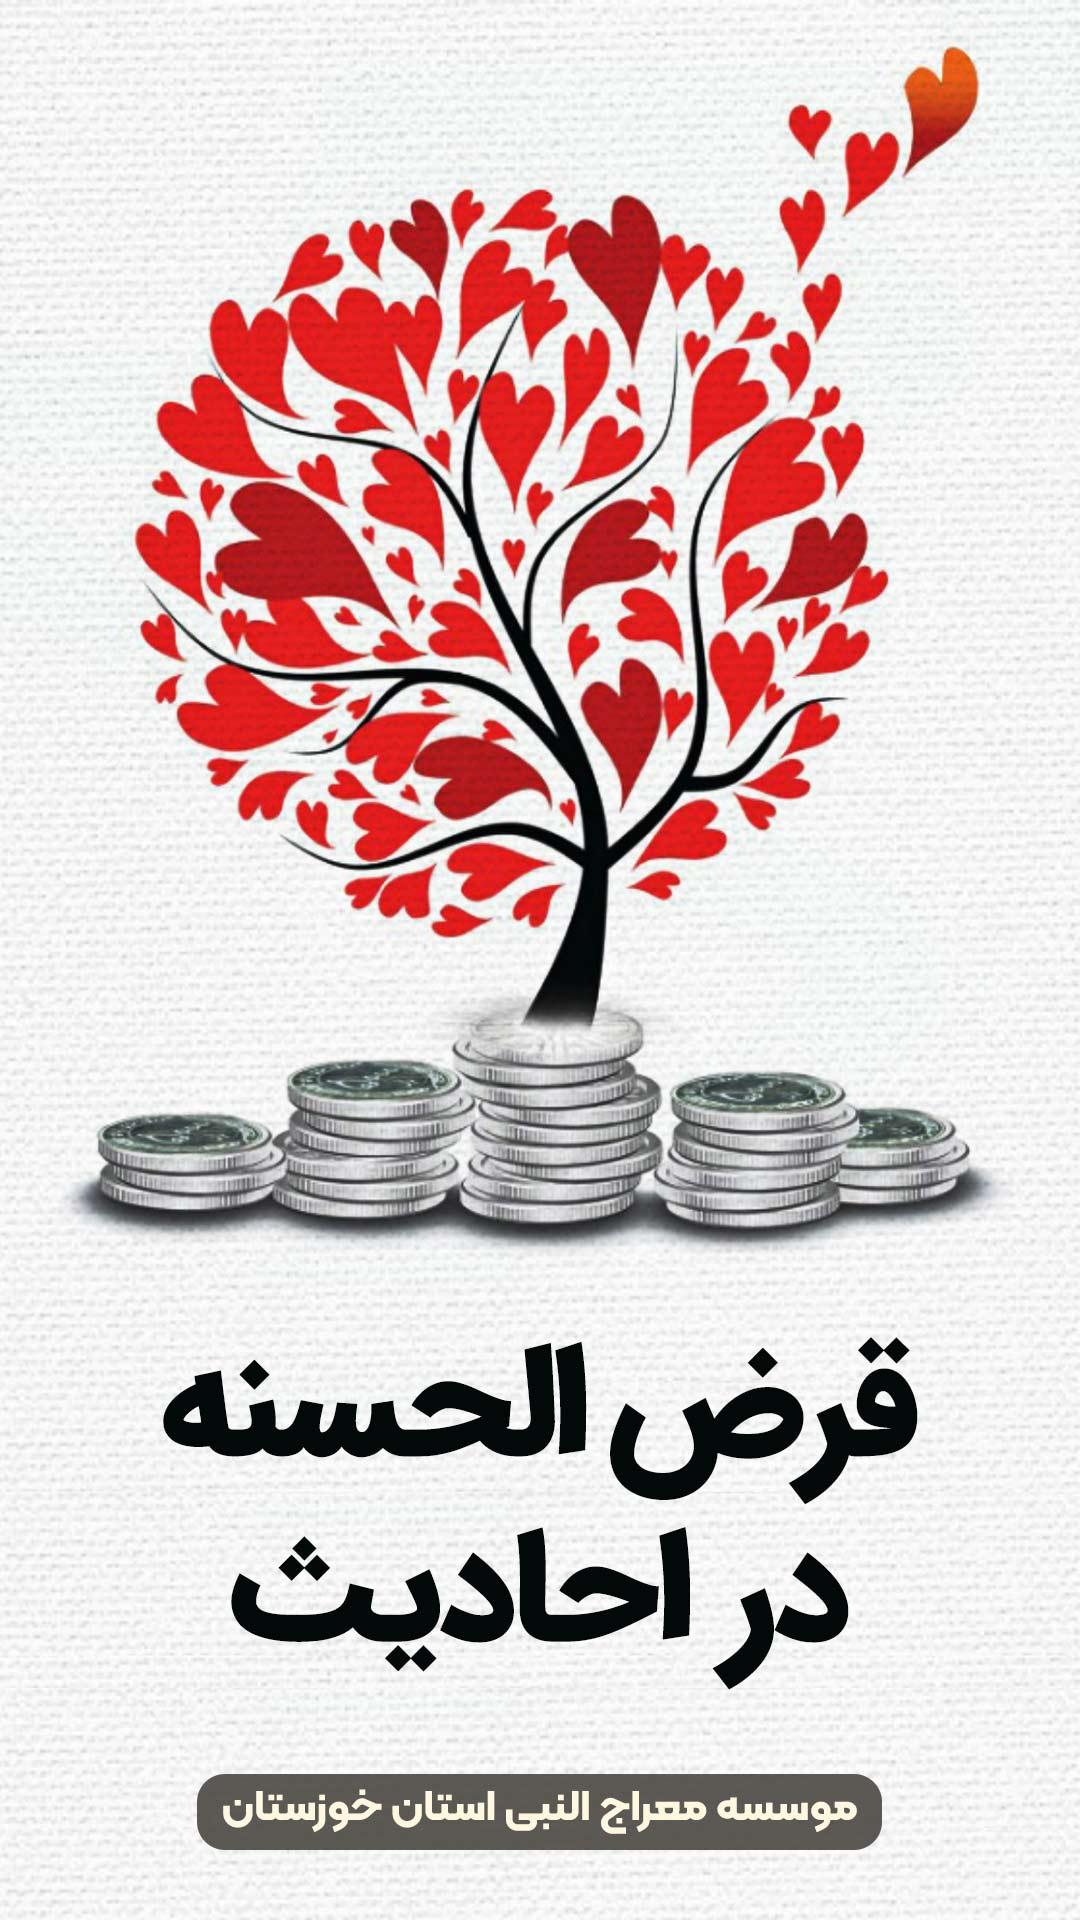 قرض الحسنه در احادیث